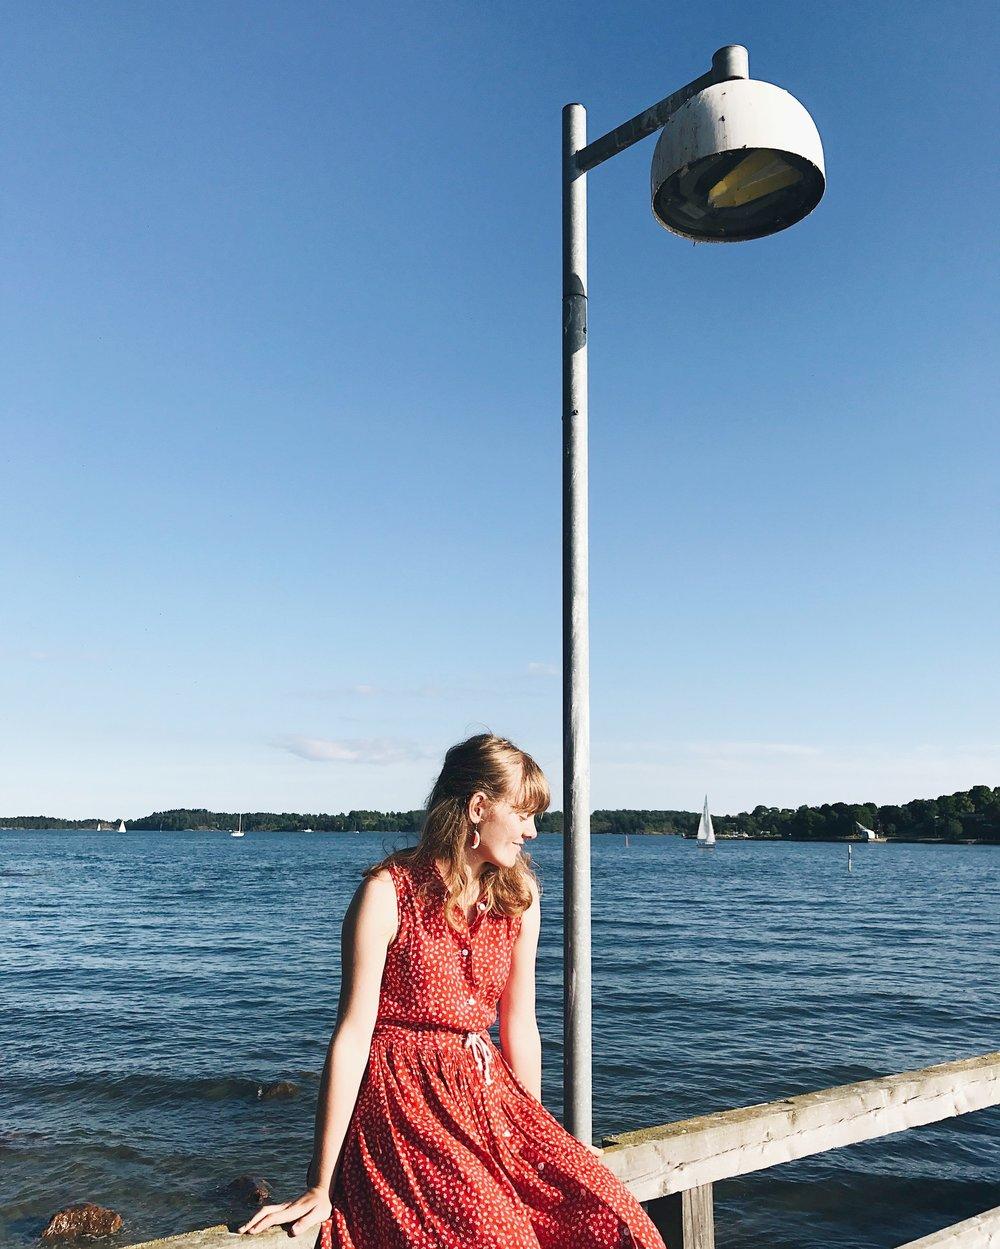 Gemma Driessen - www.gemmadriessen.com